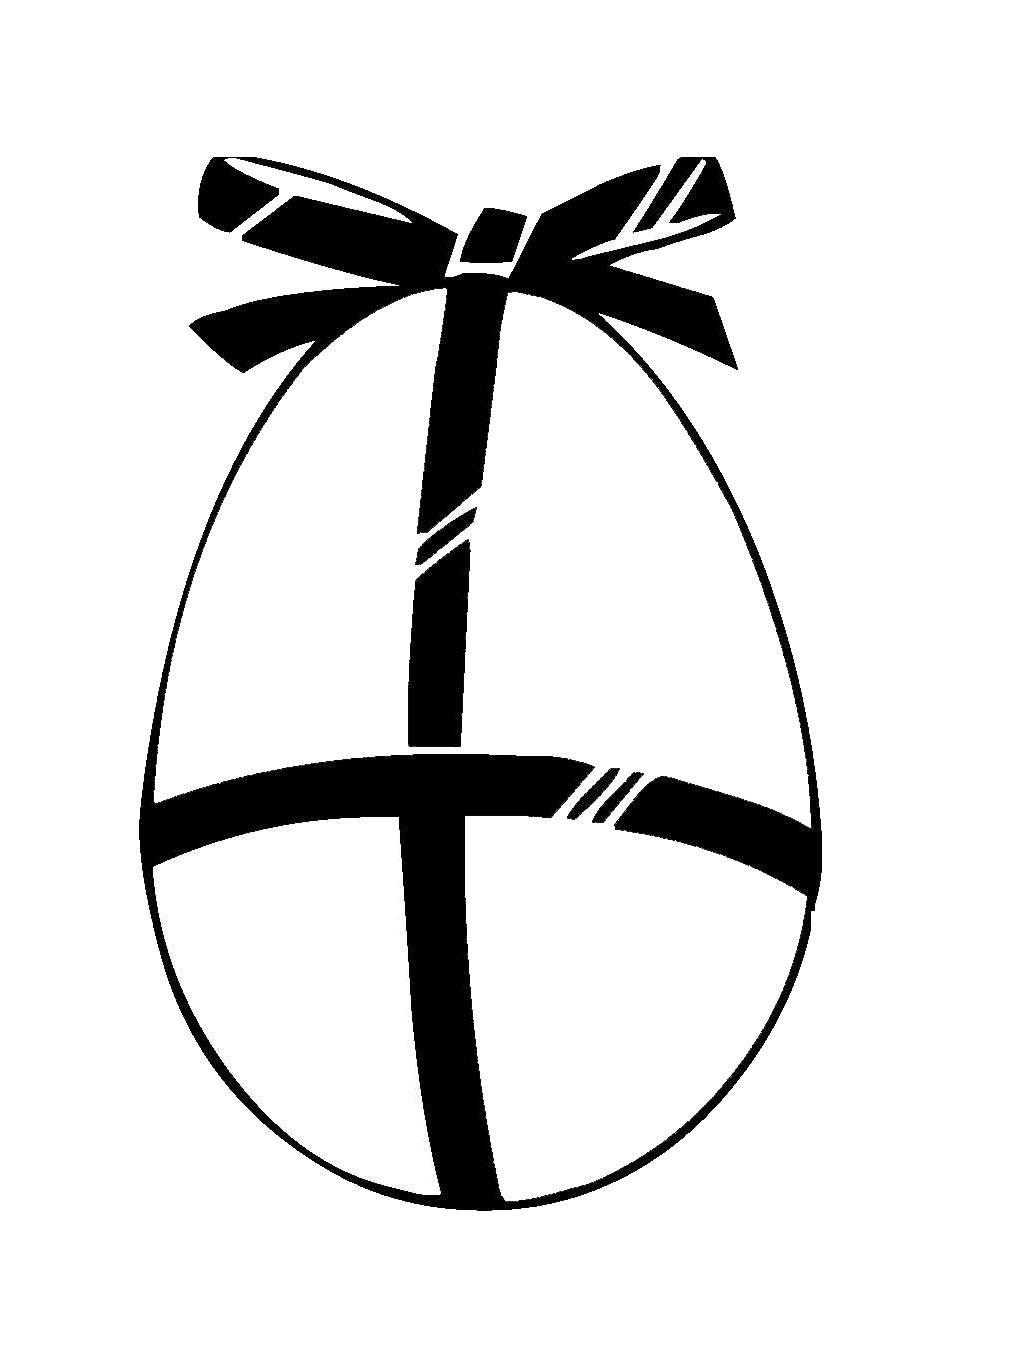 Kostenlose Malvorlage Ostern: Osterei mit Schleife zum Ausmalen